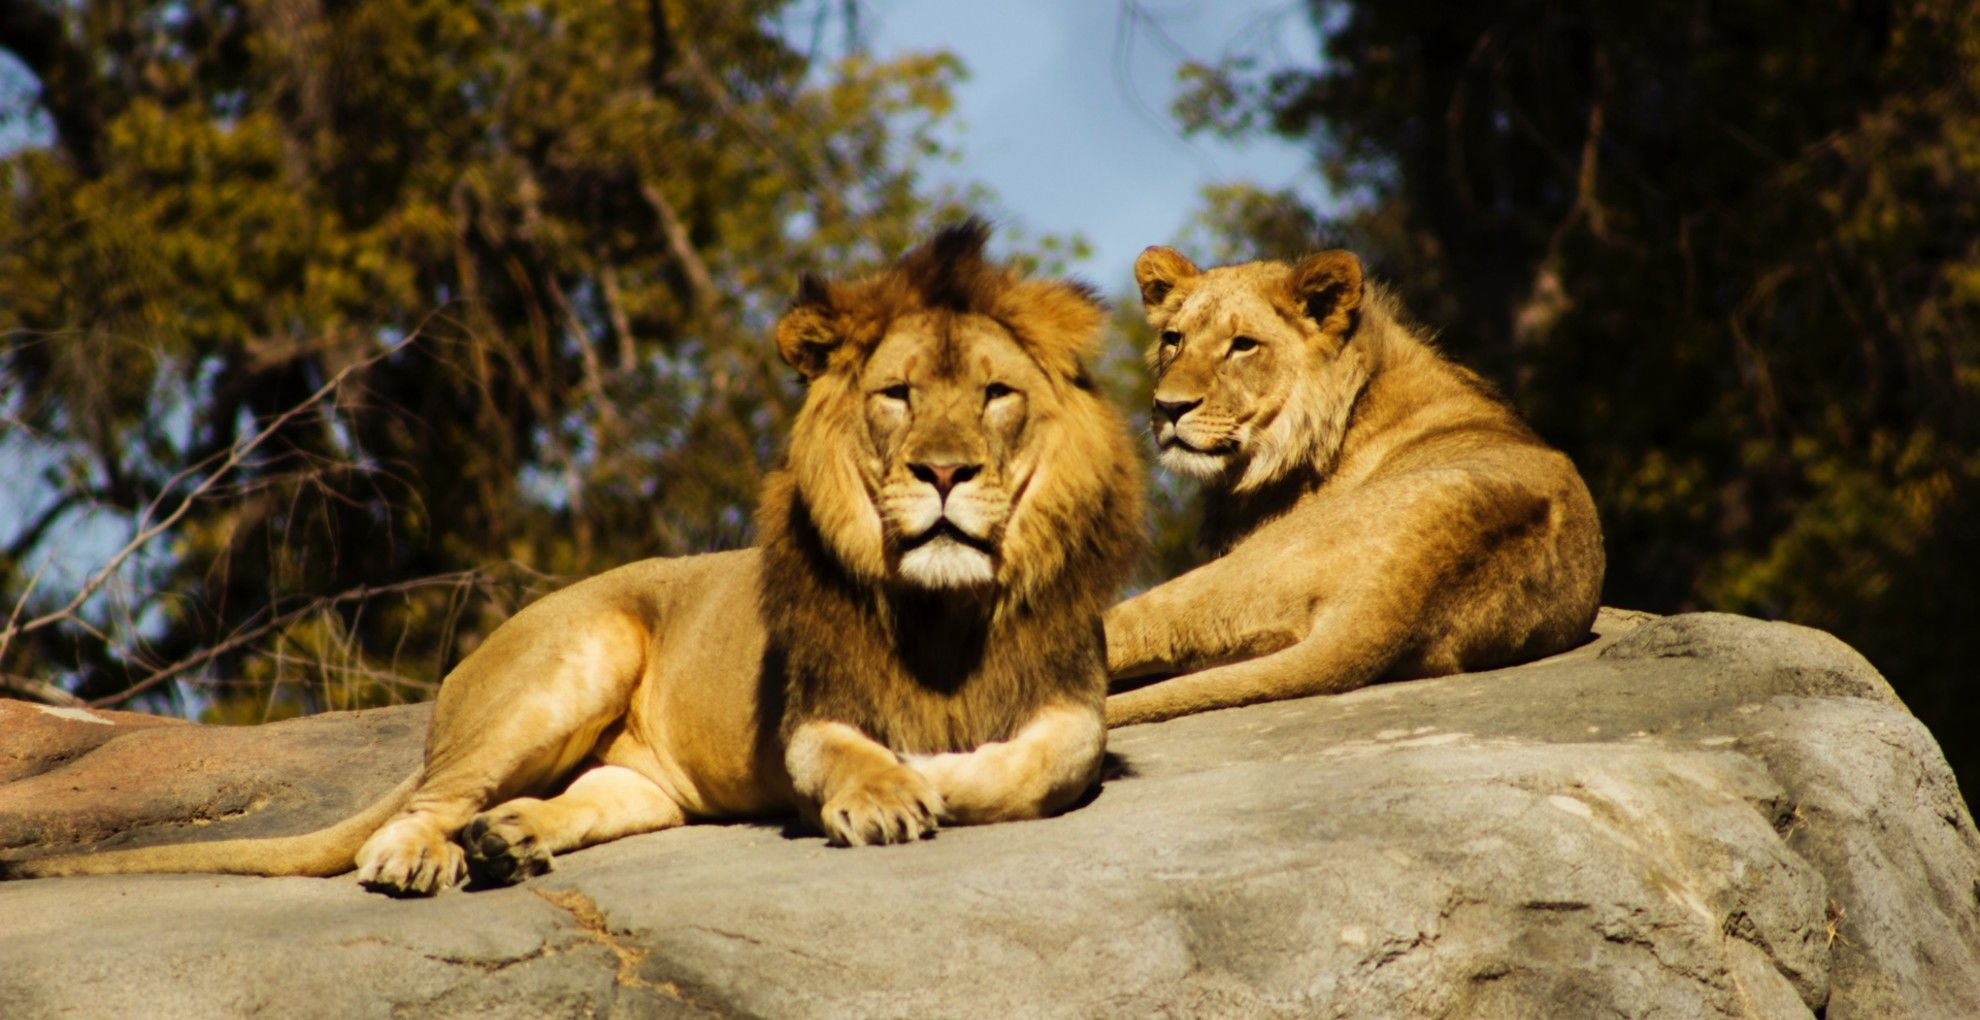 Együtt altatták el az oroszlánpárt.